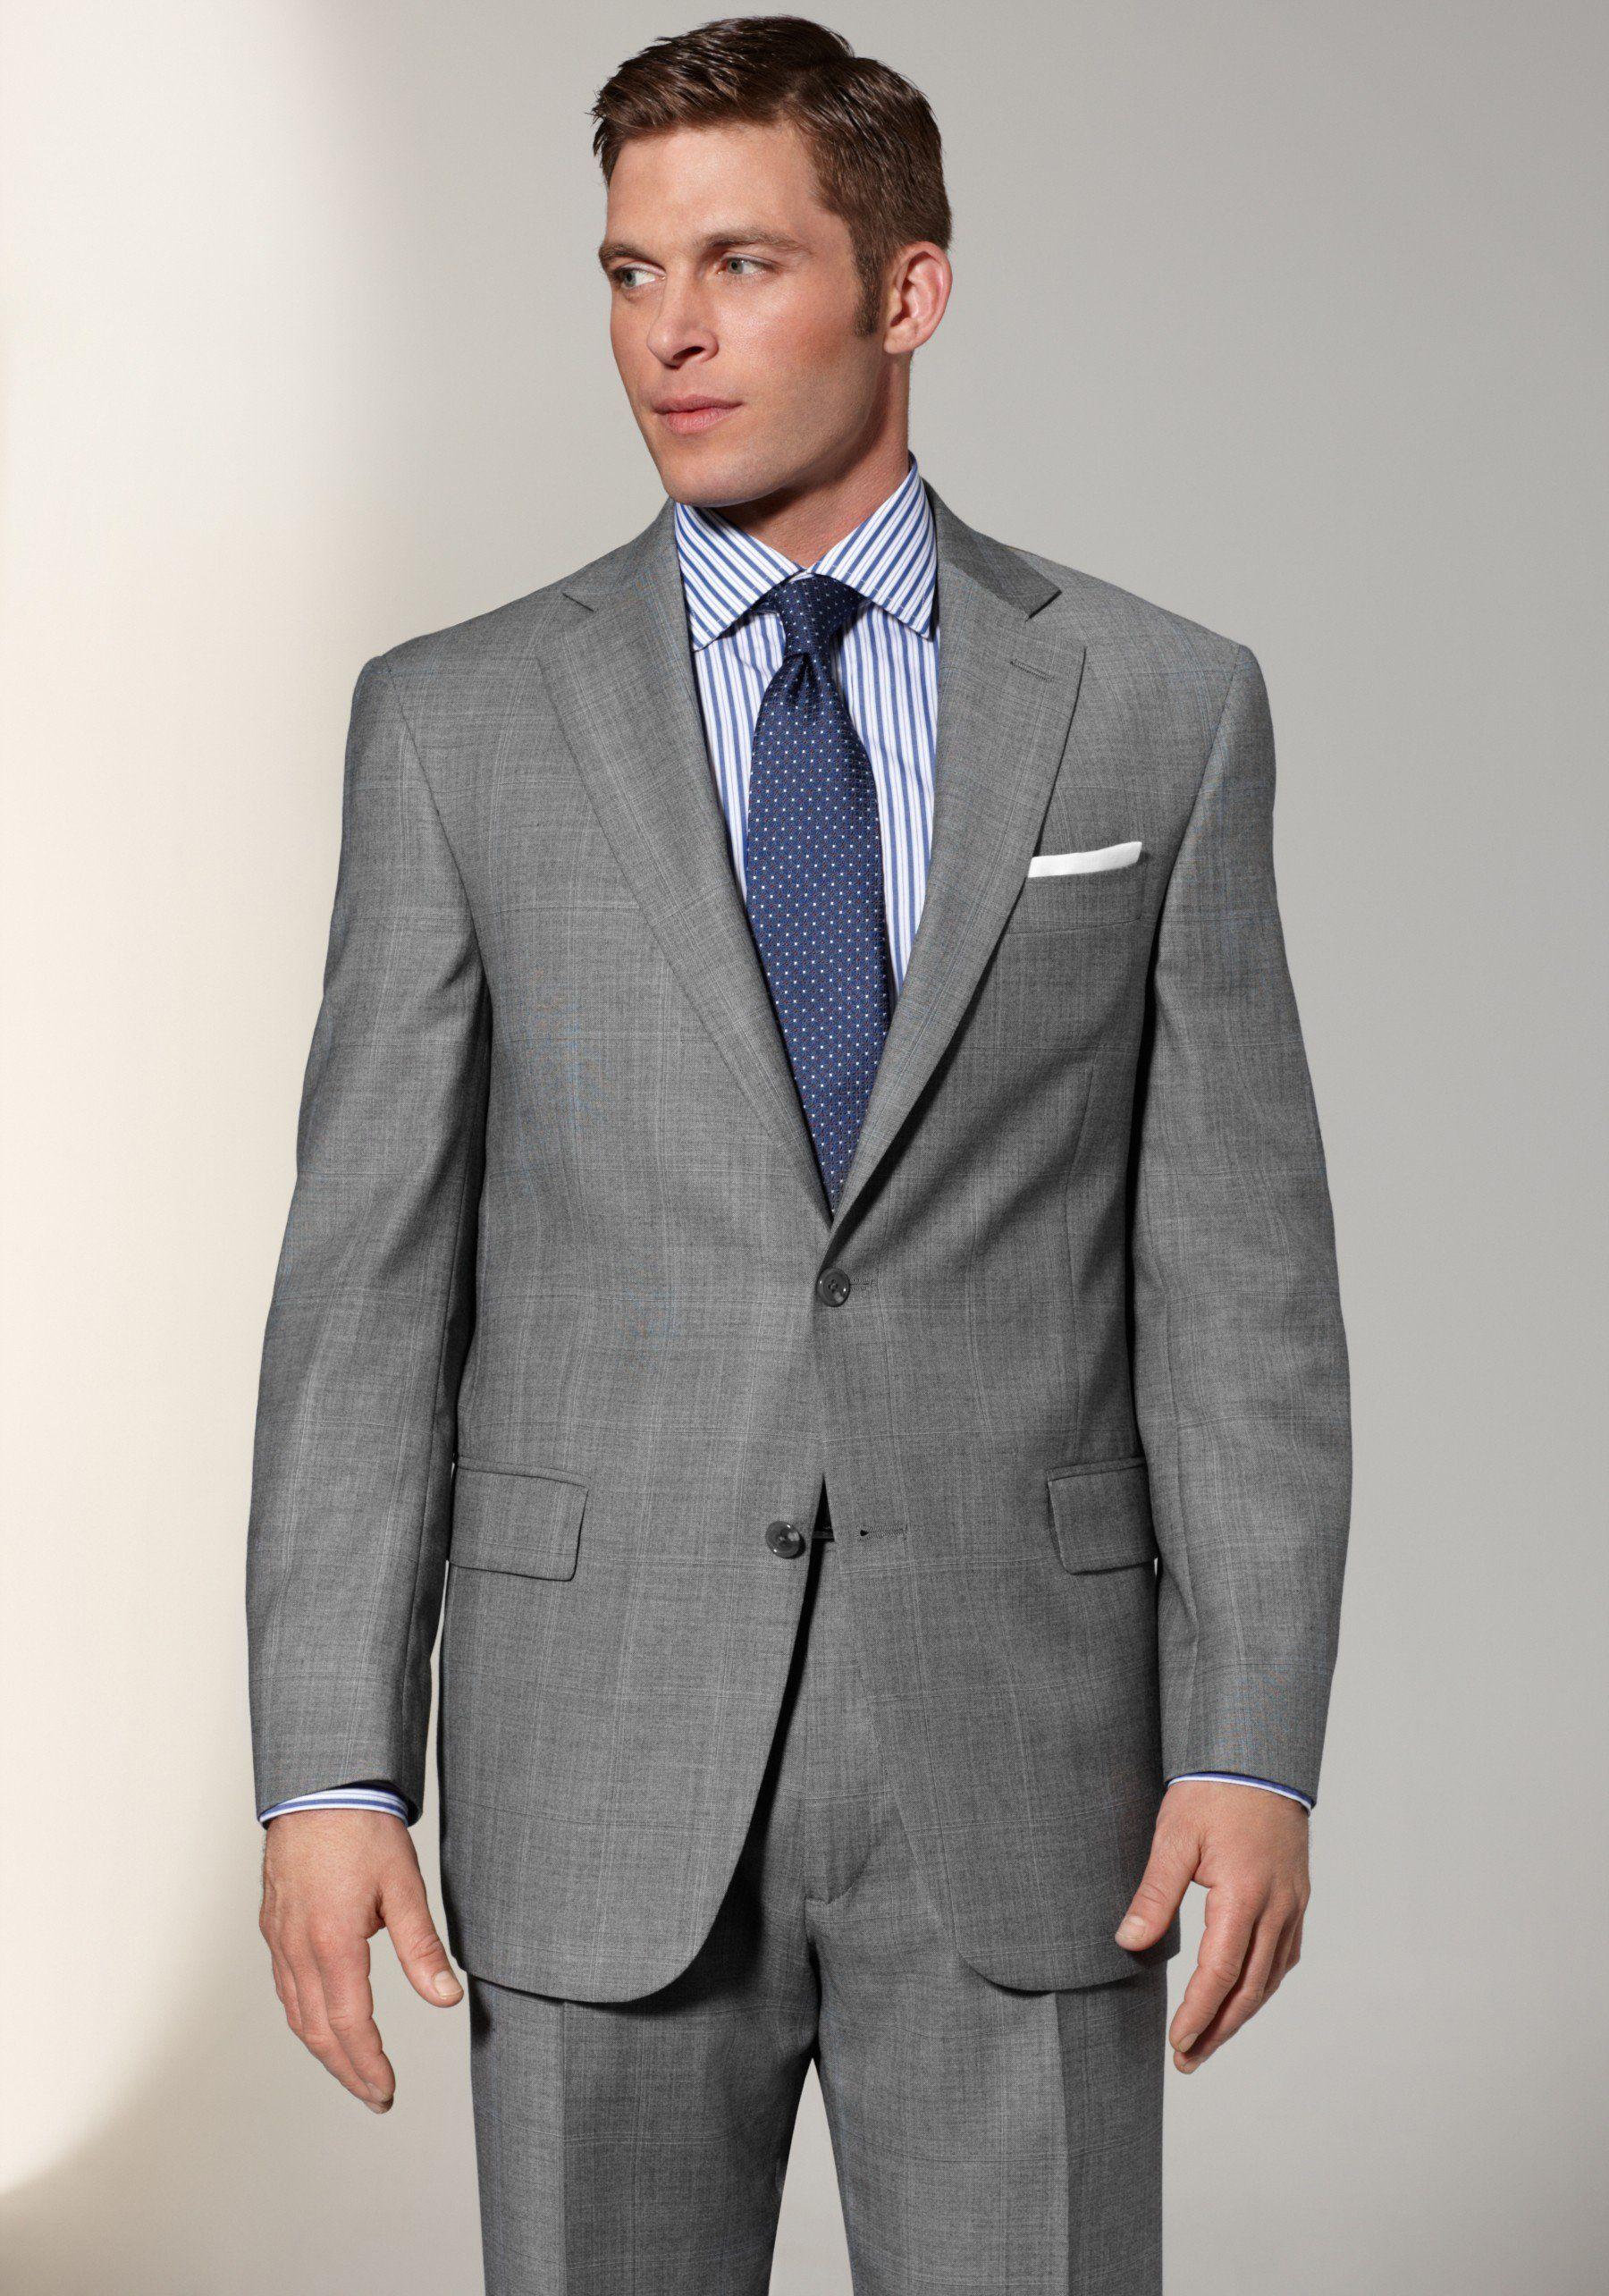 Grey suit blue shirt and blue tie fashion ideas pinterest for Blue suit shirt ideas